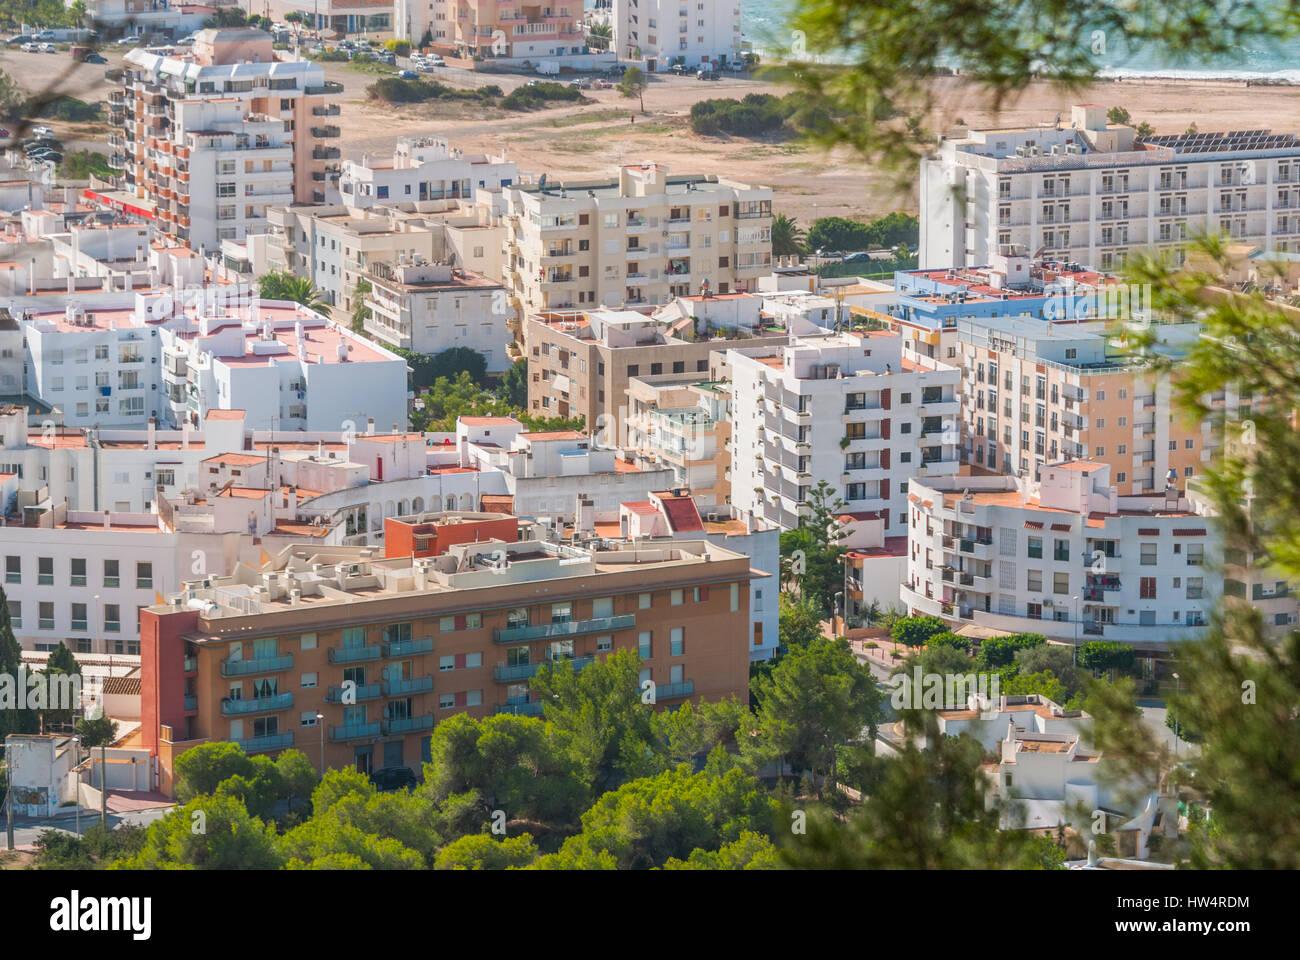 Blick durch die Bäume, vom Hang des nahe gelegenen Stadt natürlich umrahmen: San Antonio Sant Antoni de Stockbild